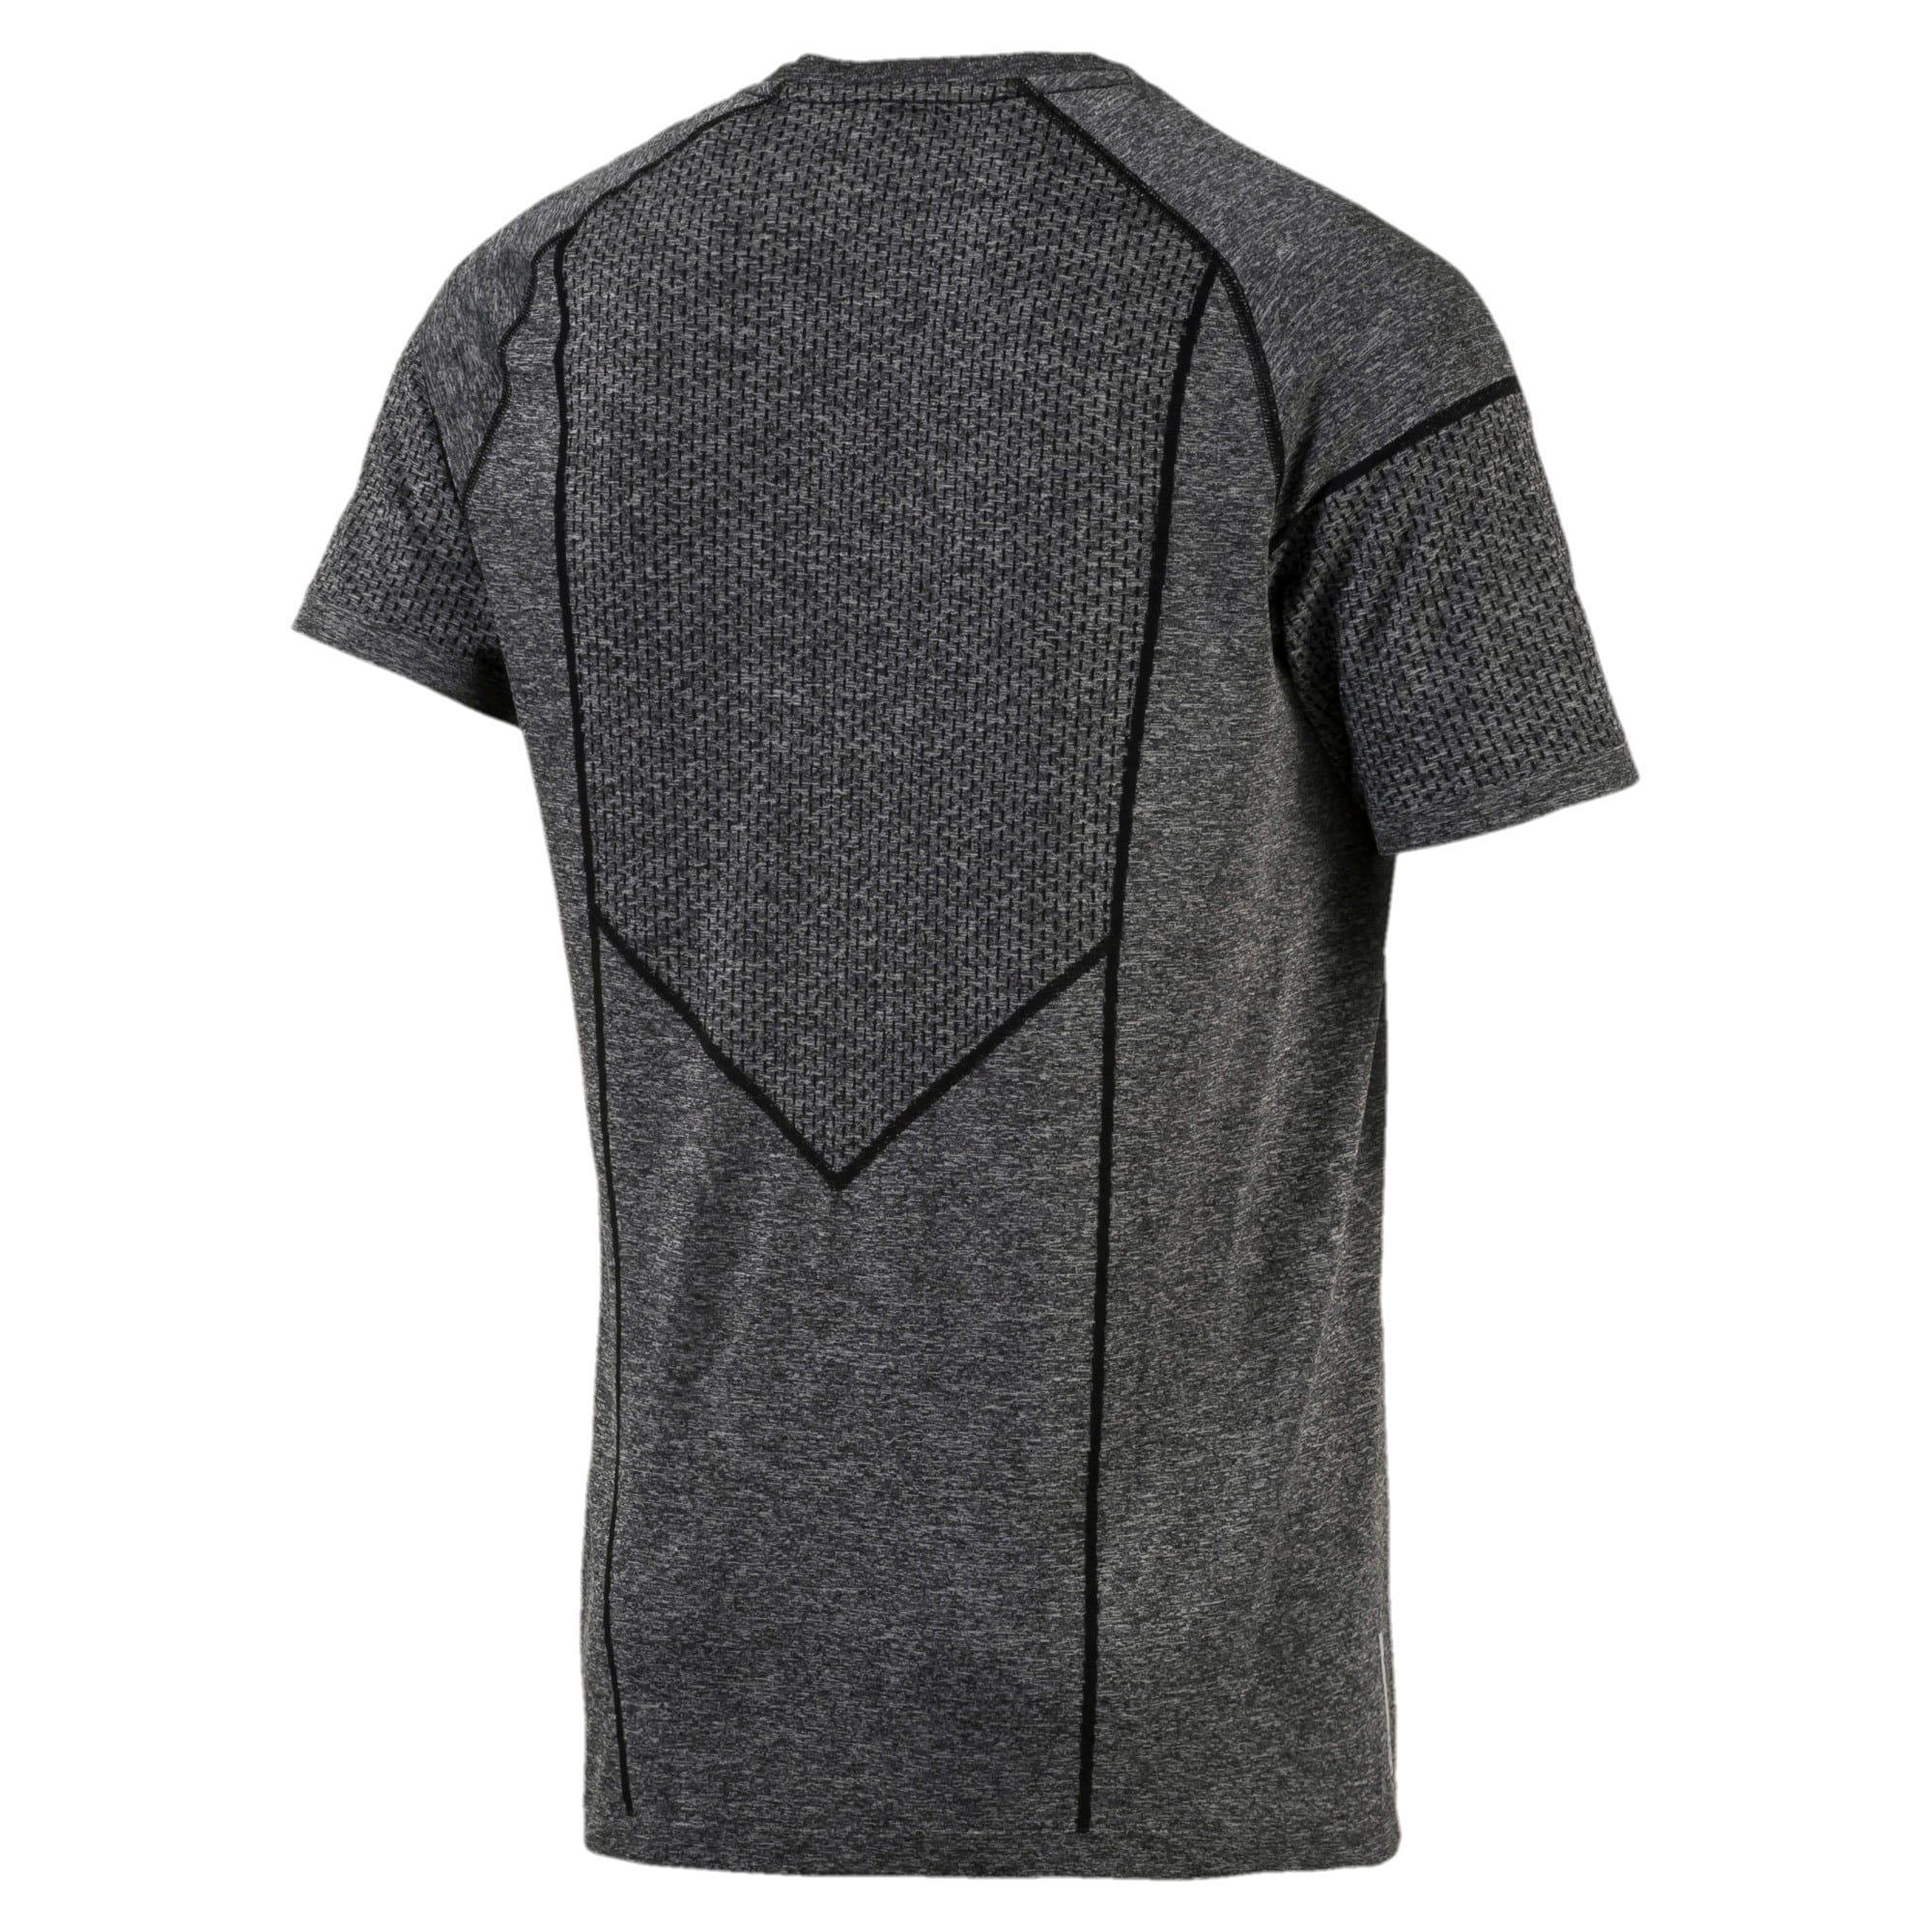 Miniatura 5 de Camiseta Reactive evoKNIT para hombre, Puma Black Heather, mediano